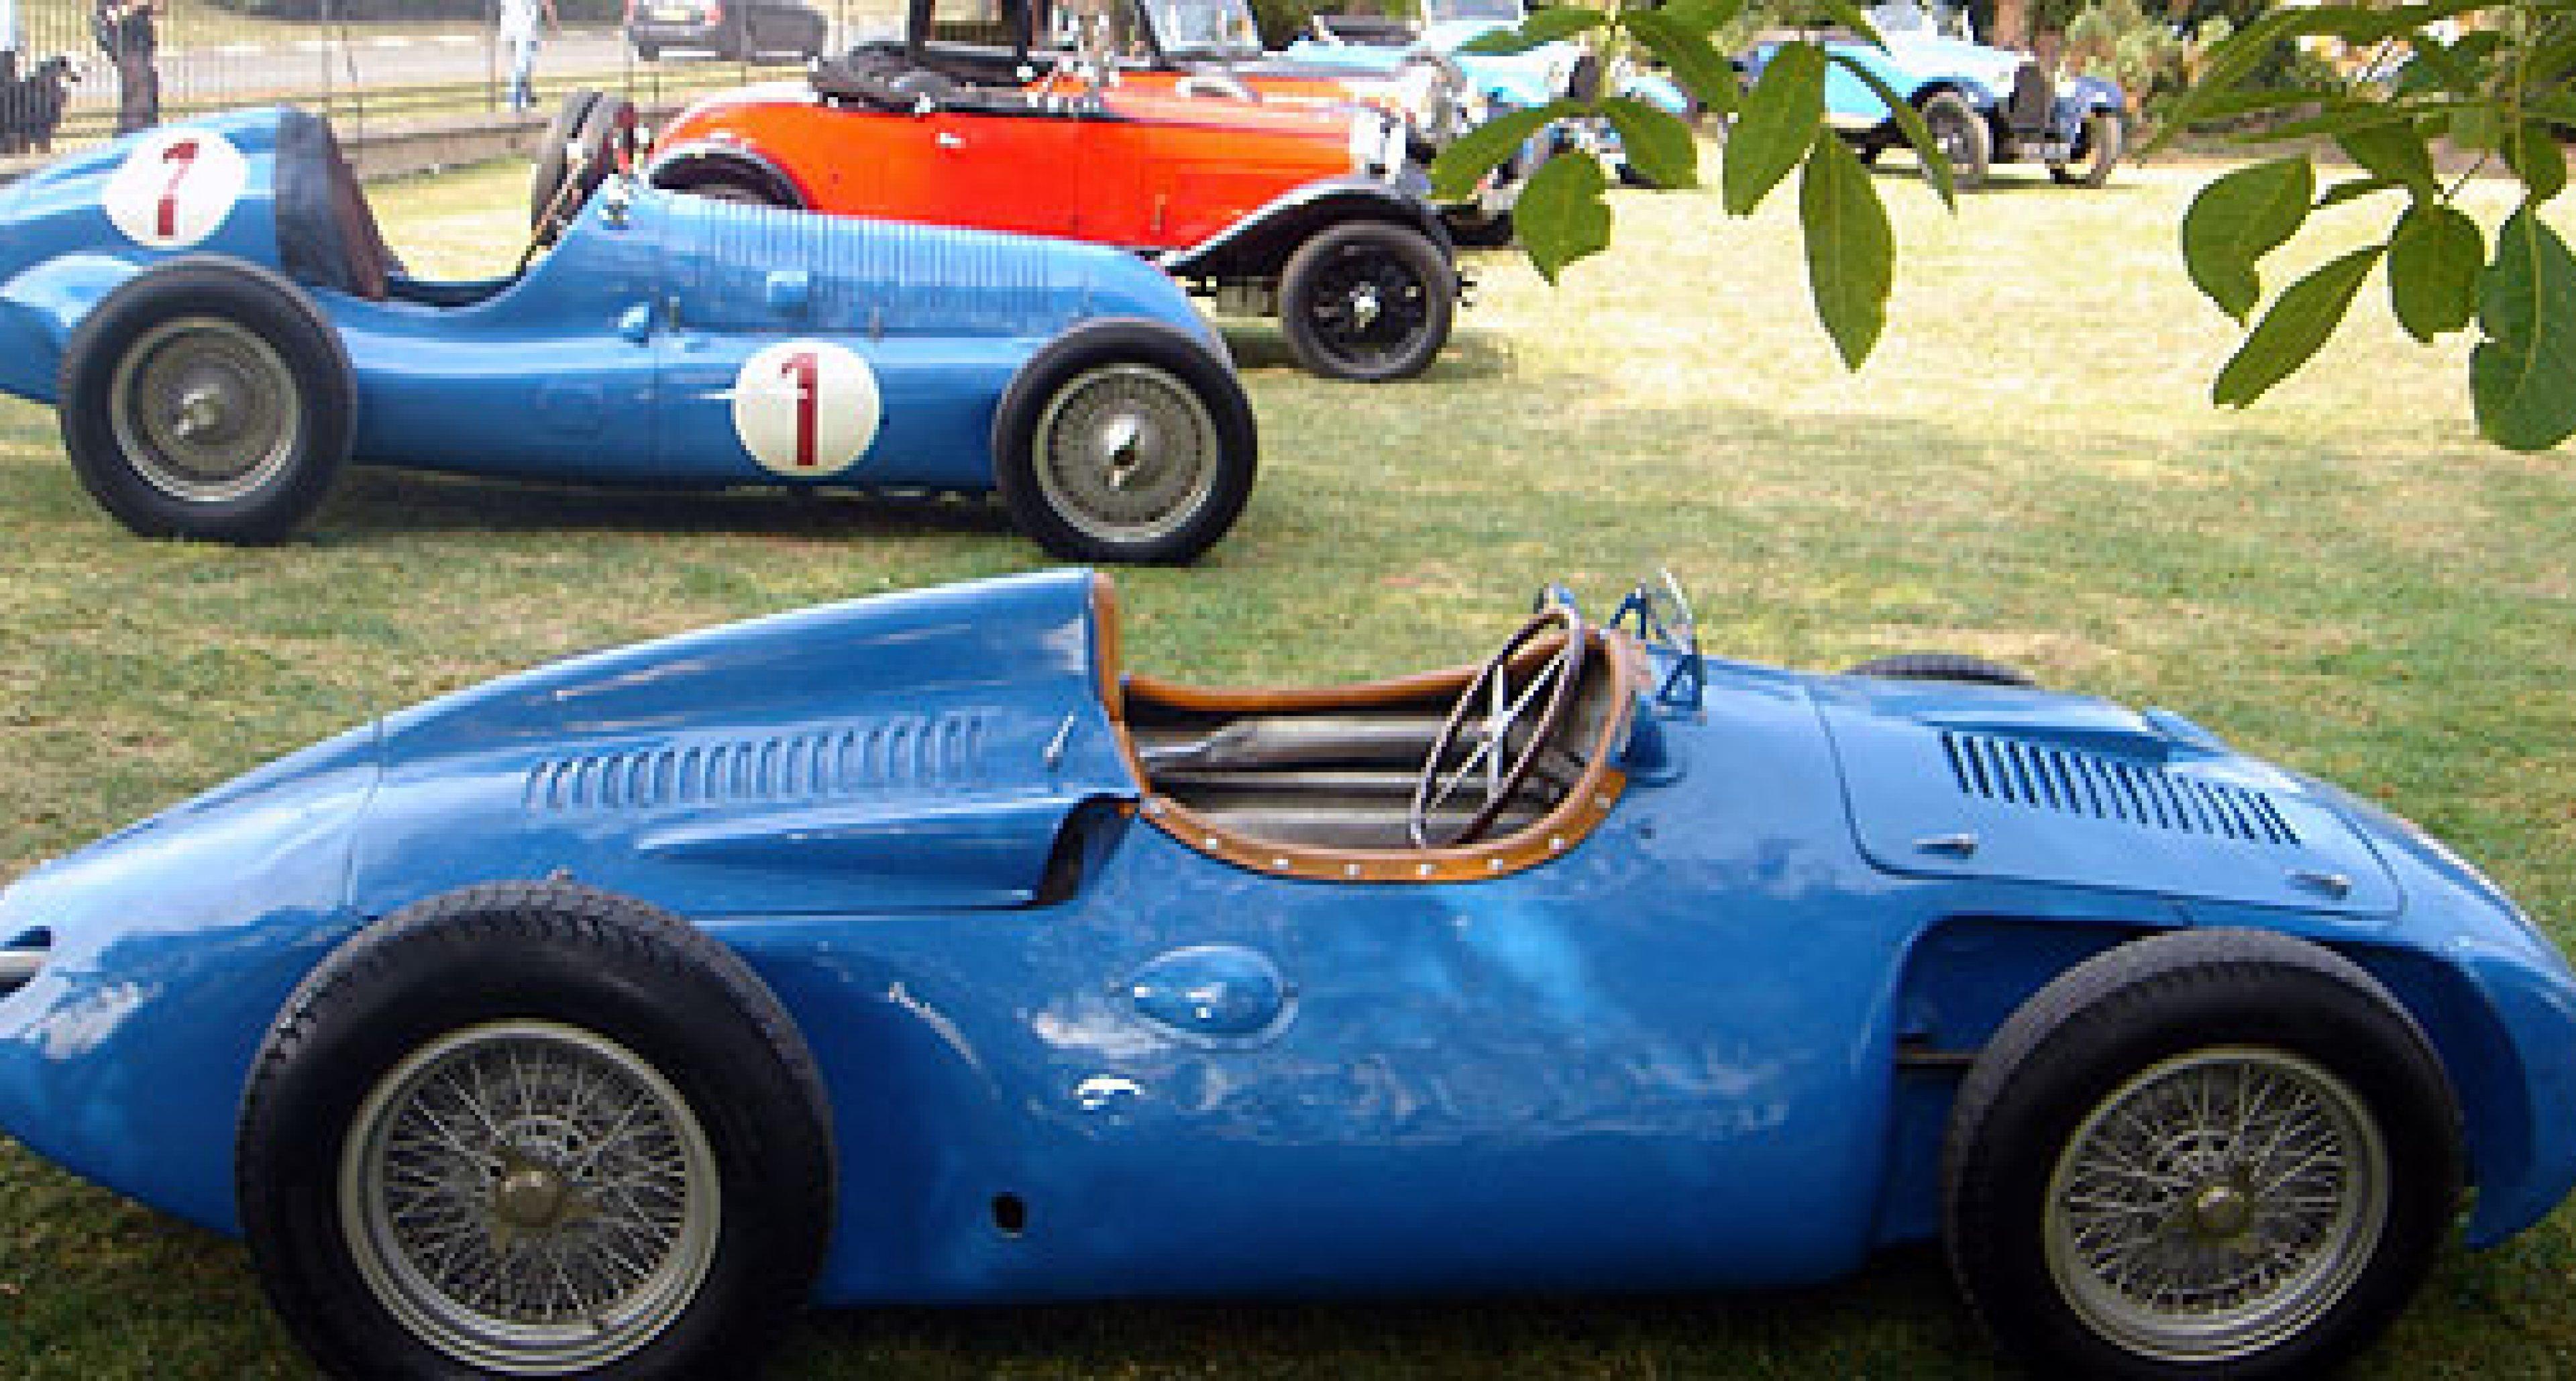 Bugatti Veyron and beyond…